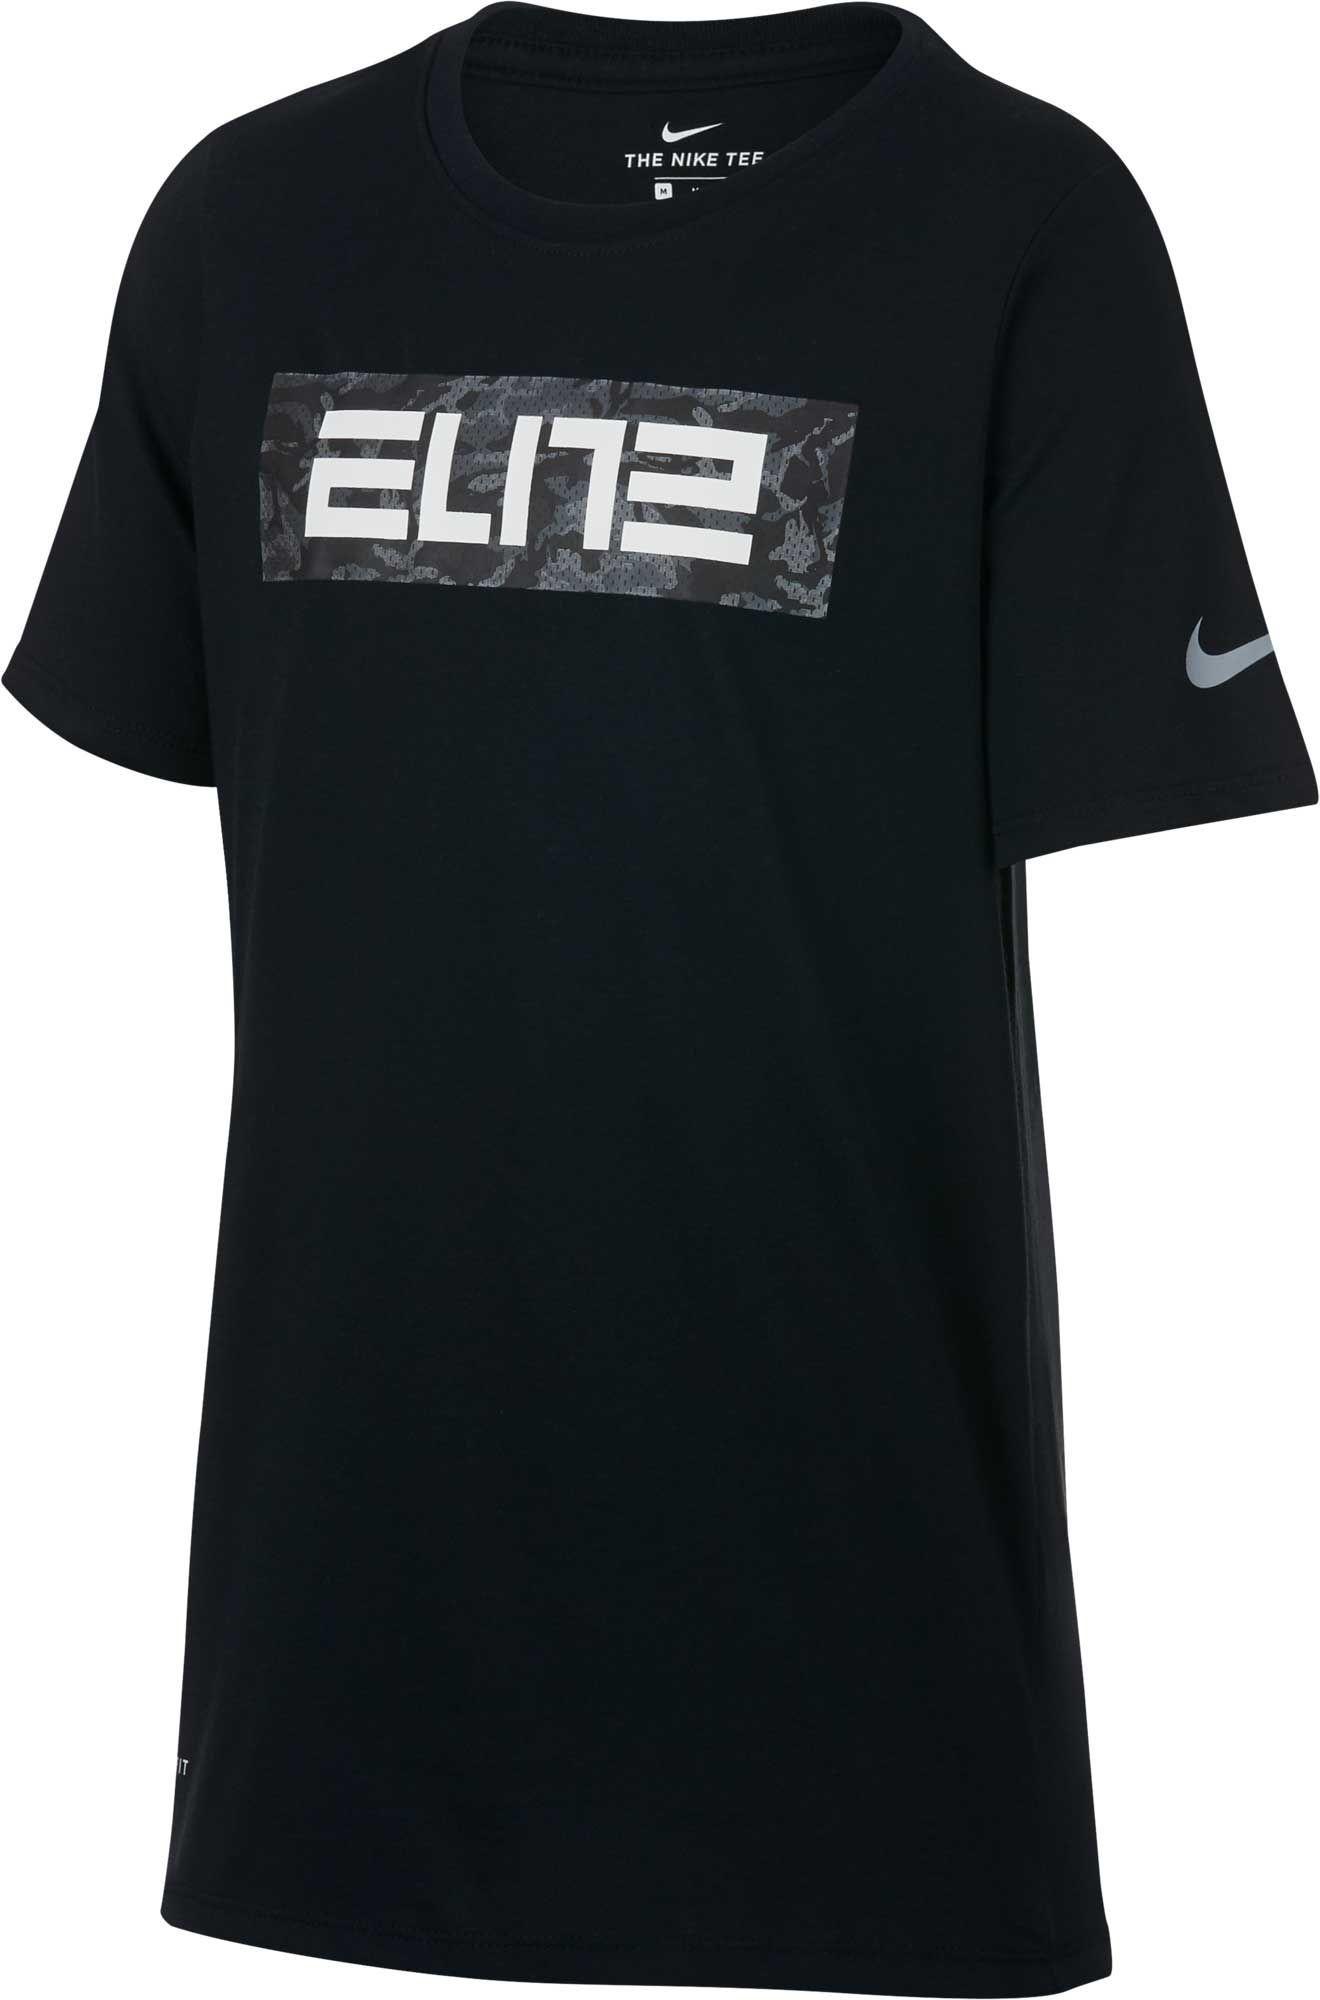 Nike Boys' Dry Elite Graphic TShirt Sports shirts, Nike